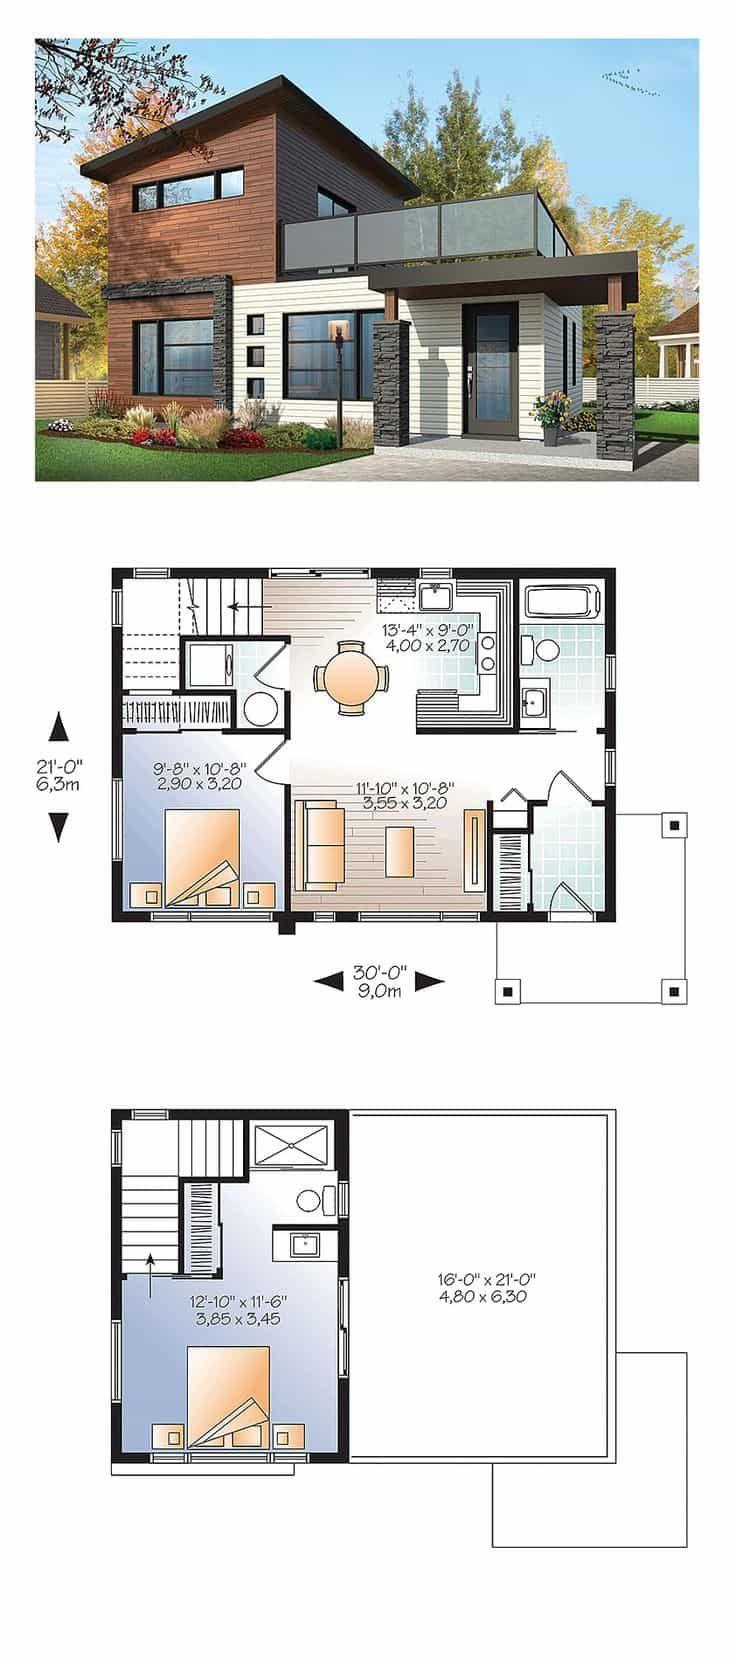 7 Modern House Plans Samples Modern Home 7 Mrn House Plans Samples Mrn Home Mrn House Plans Feature L In 2020 House Plans Modern Style House Plans Modern House Plans